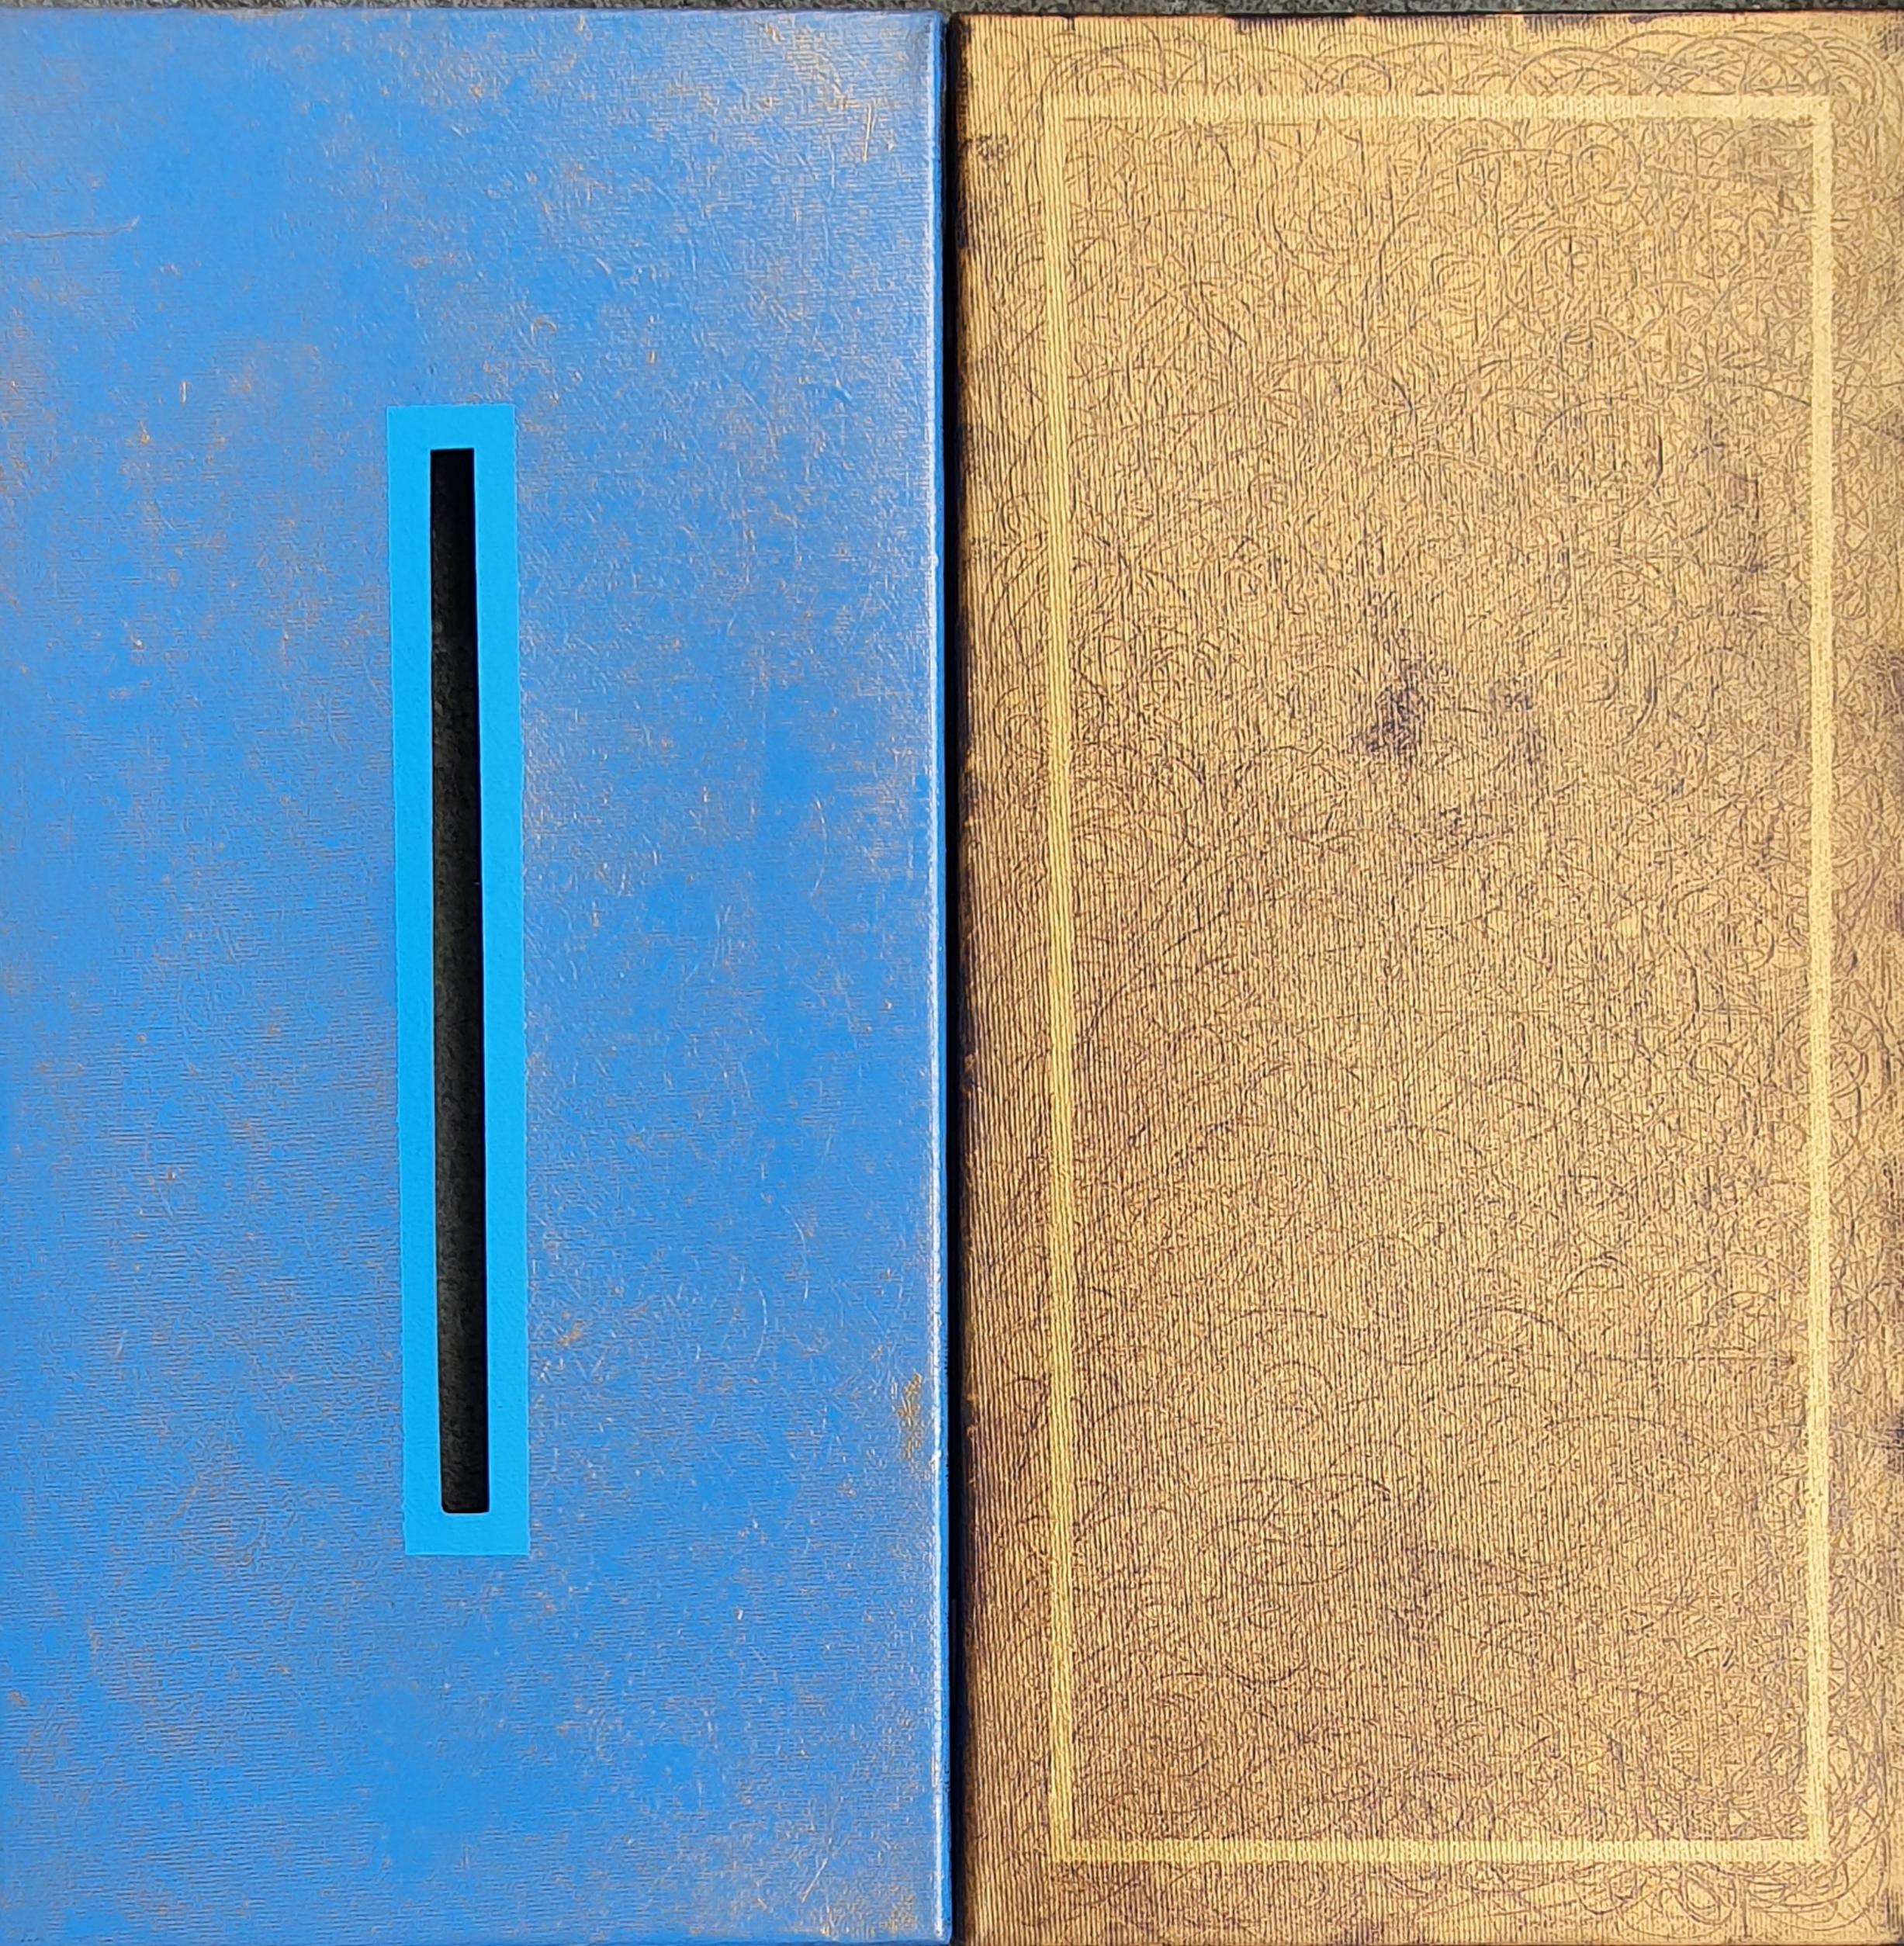 obraz abstrakcyjny niebiesko-złoty